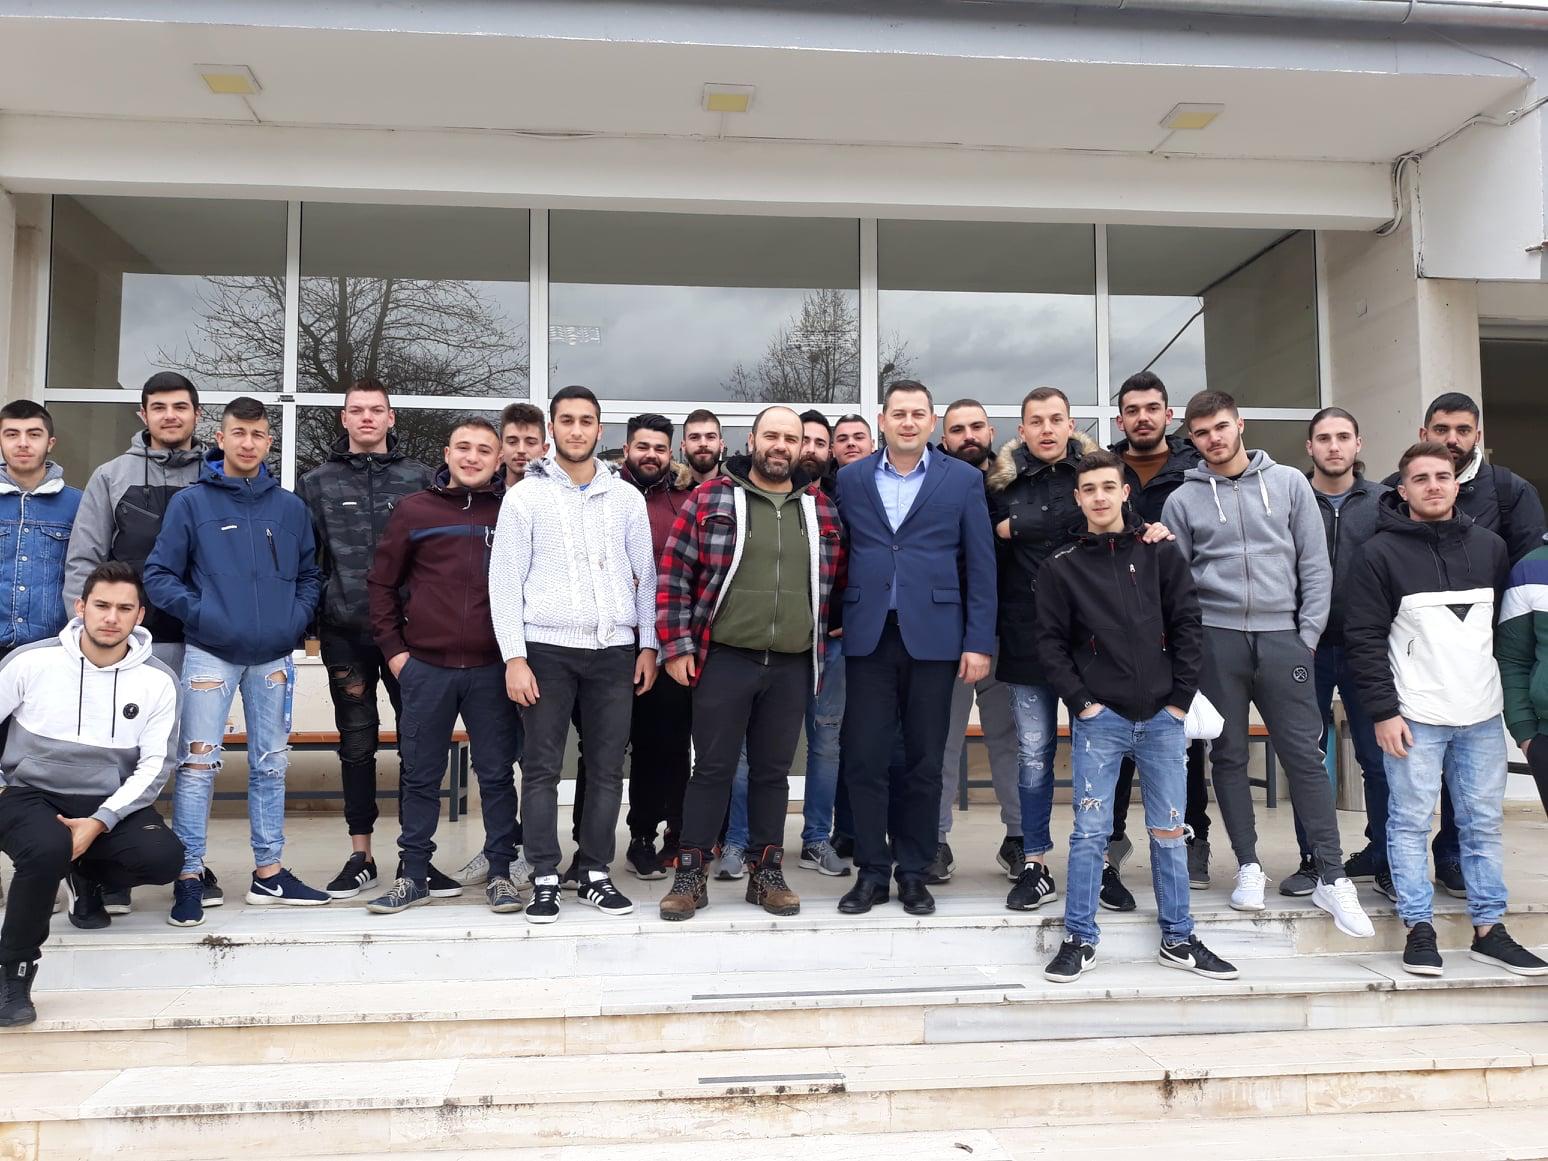 ΠΔΕ: Την Γαλακτοκομική Σχολή Ιωαννίνων επισκέφτηκε ο Αντιπεριφερειάρχης Αγροτικής Ανάπτυξης Θ. Βασιλόπουλος